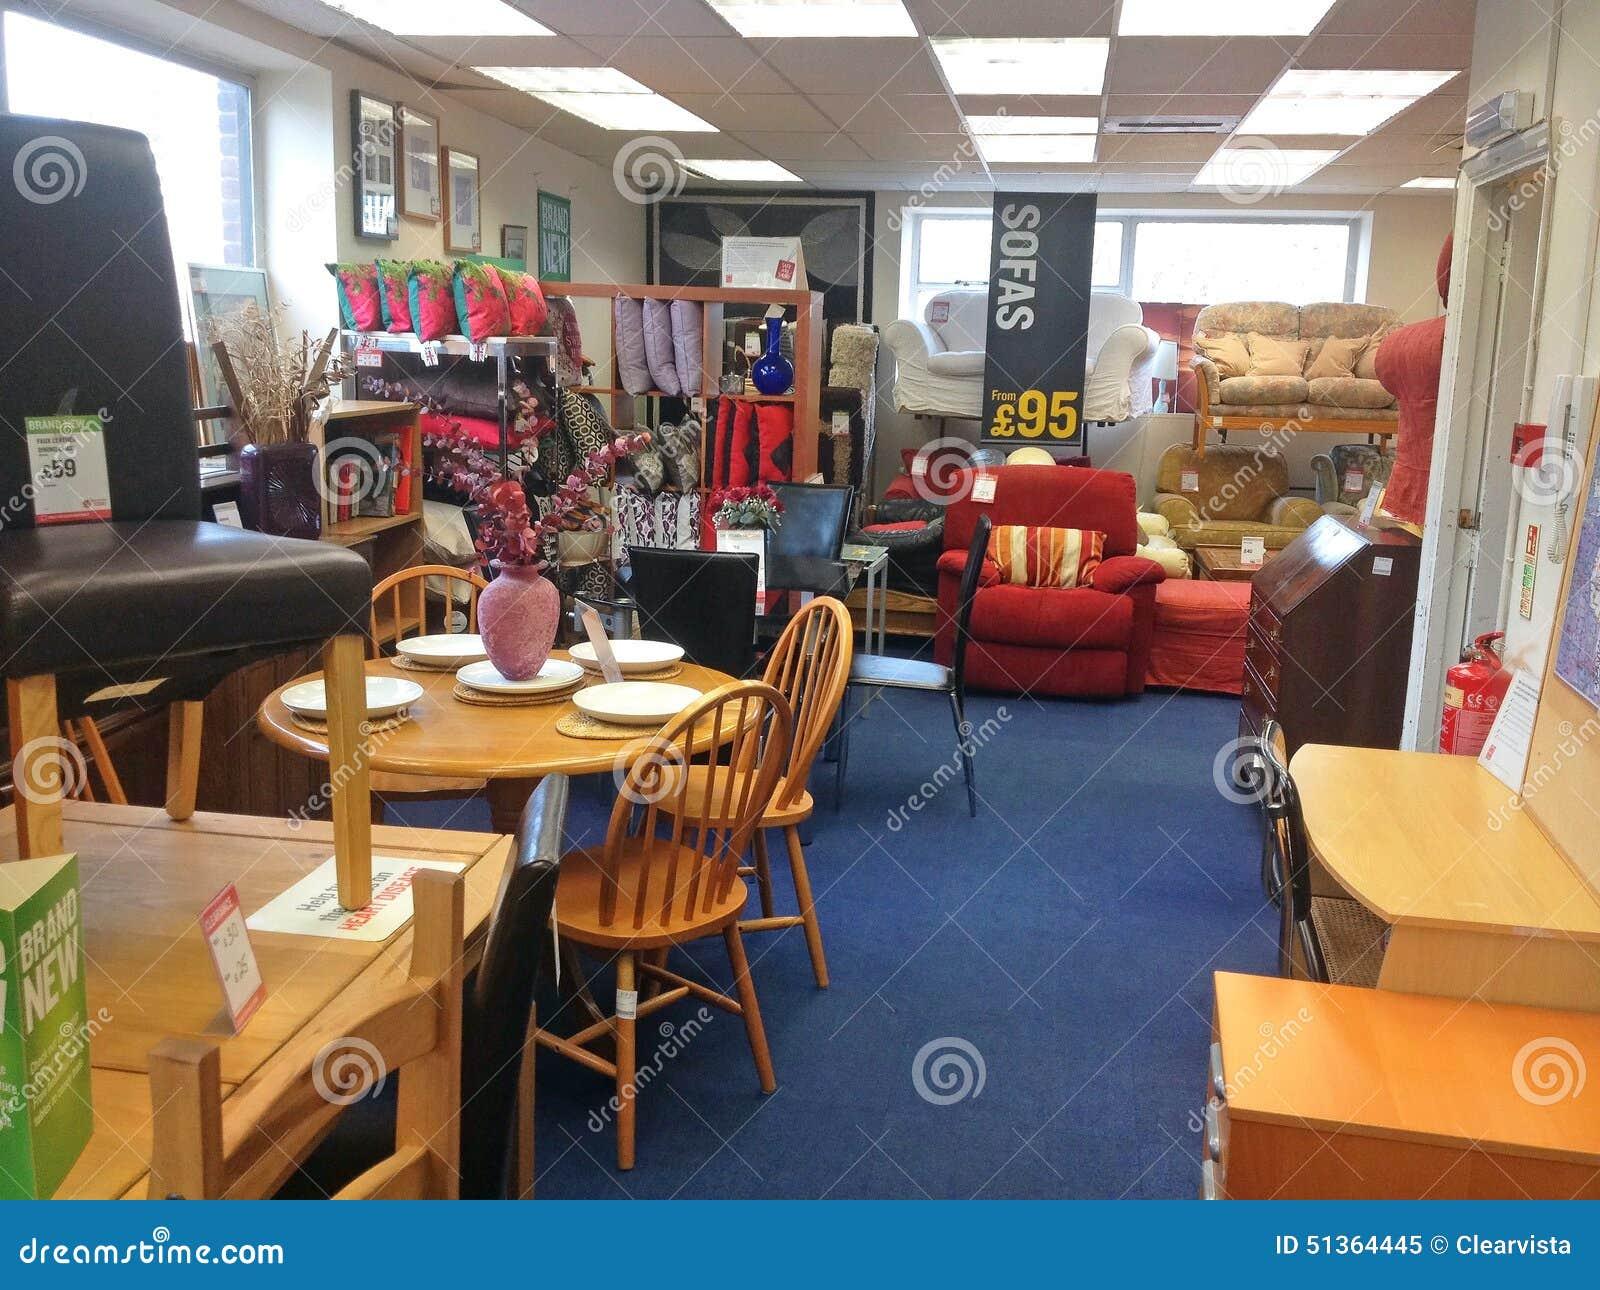 les meubles l 39 int rieur d 39 occasion ont employ la boutique de charit image ditorial image. Black Bedroom Furniture Sets. Home Design Ideas